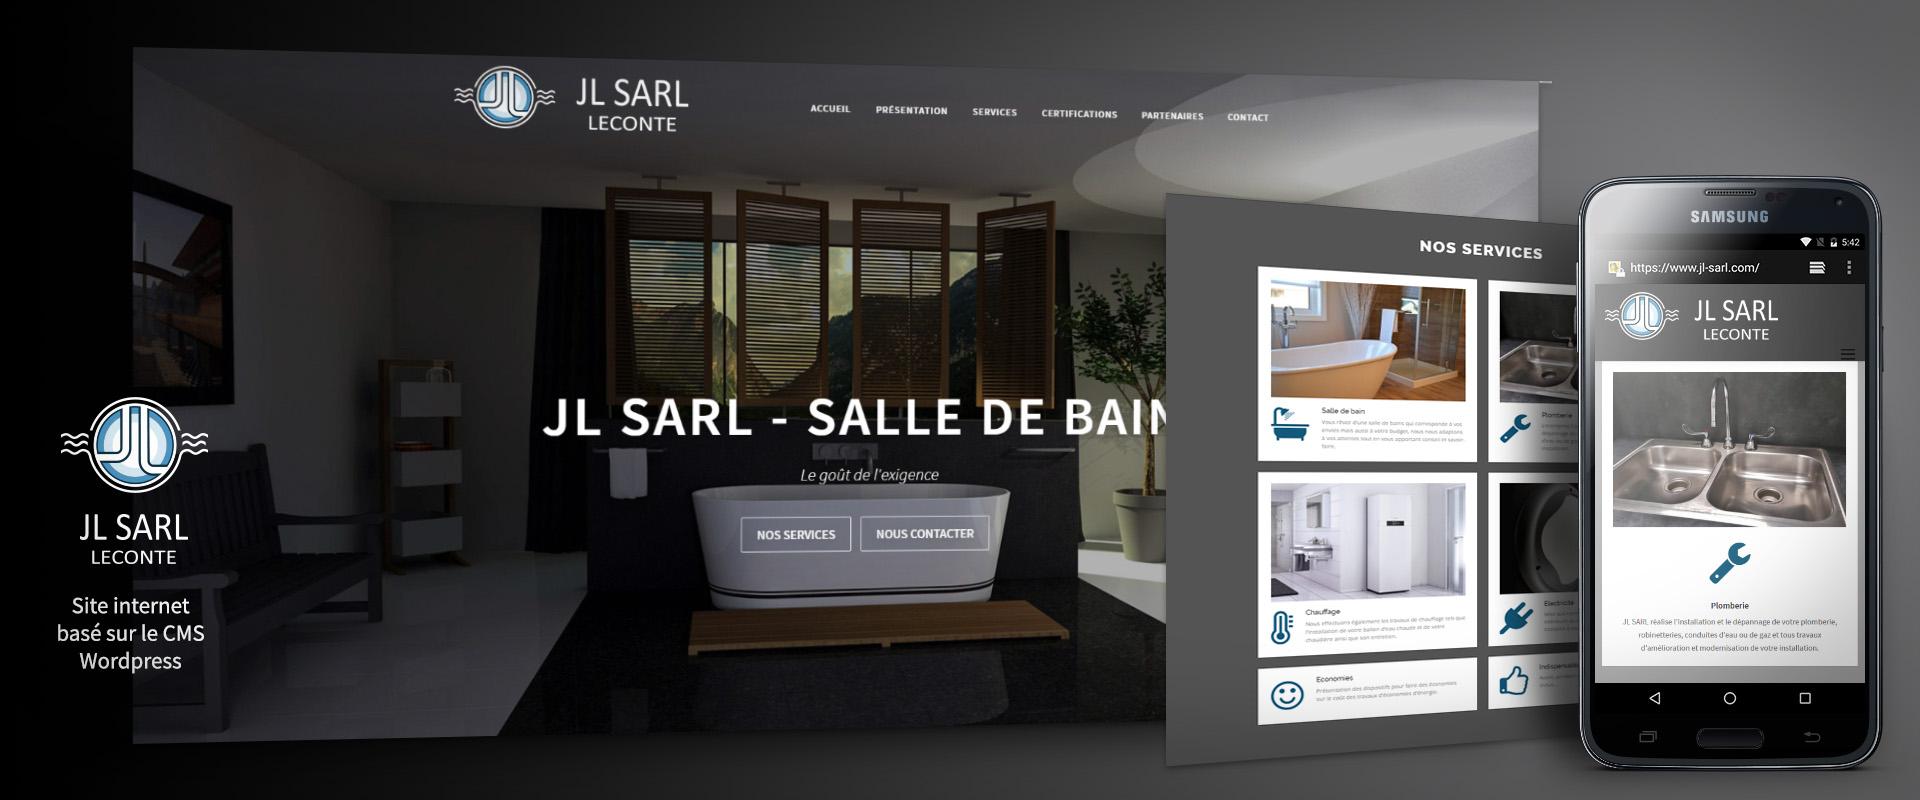 JL-SARL : Site internet basé sur le CMS WordPress